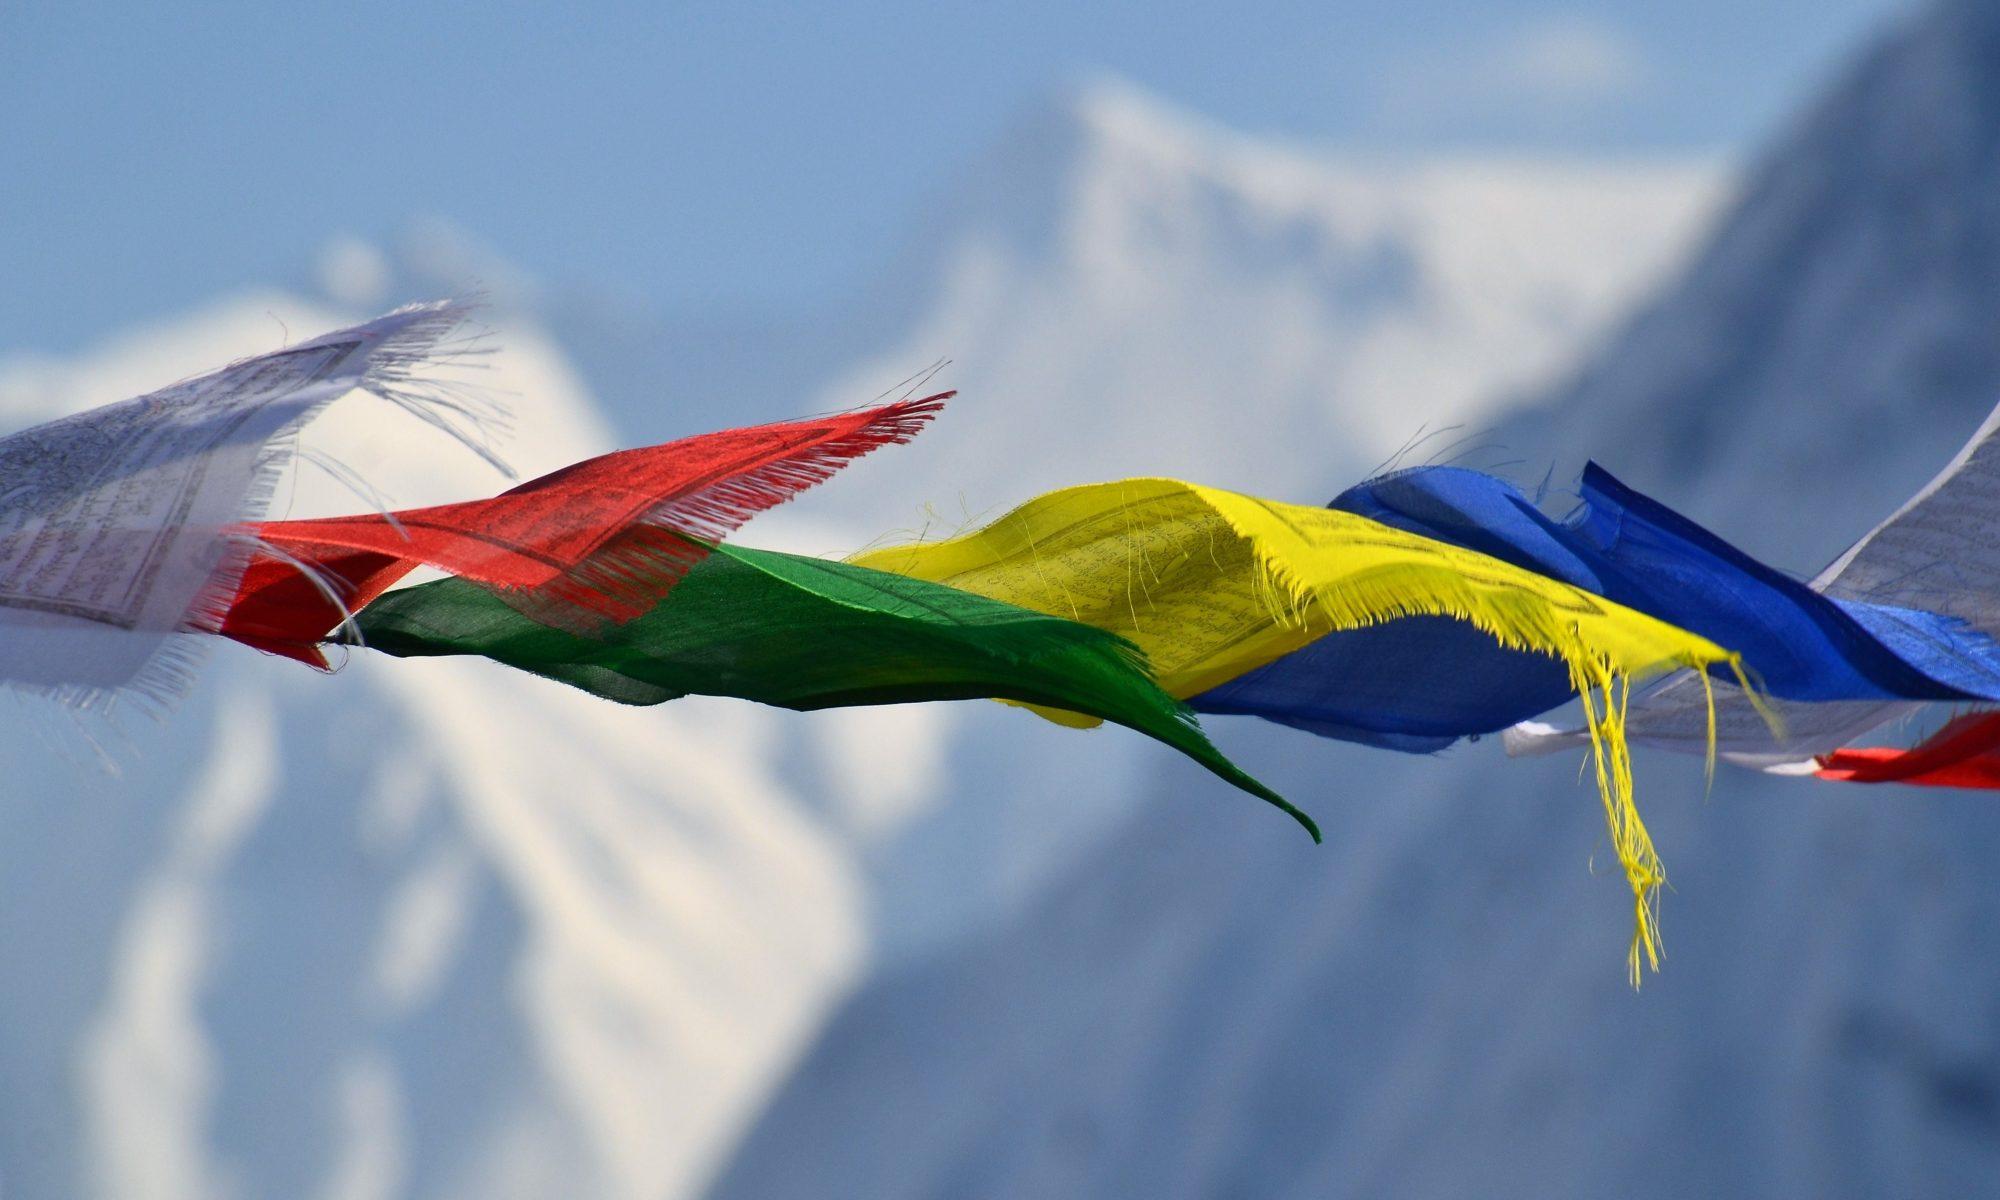 Viaje por los anapurnas - banderas de rezo